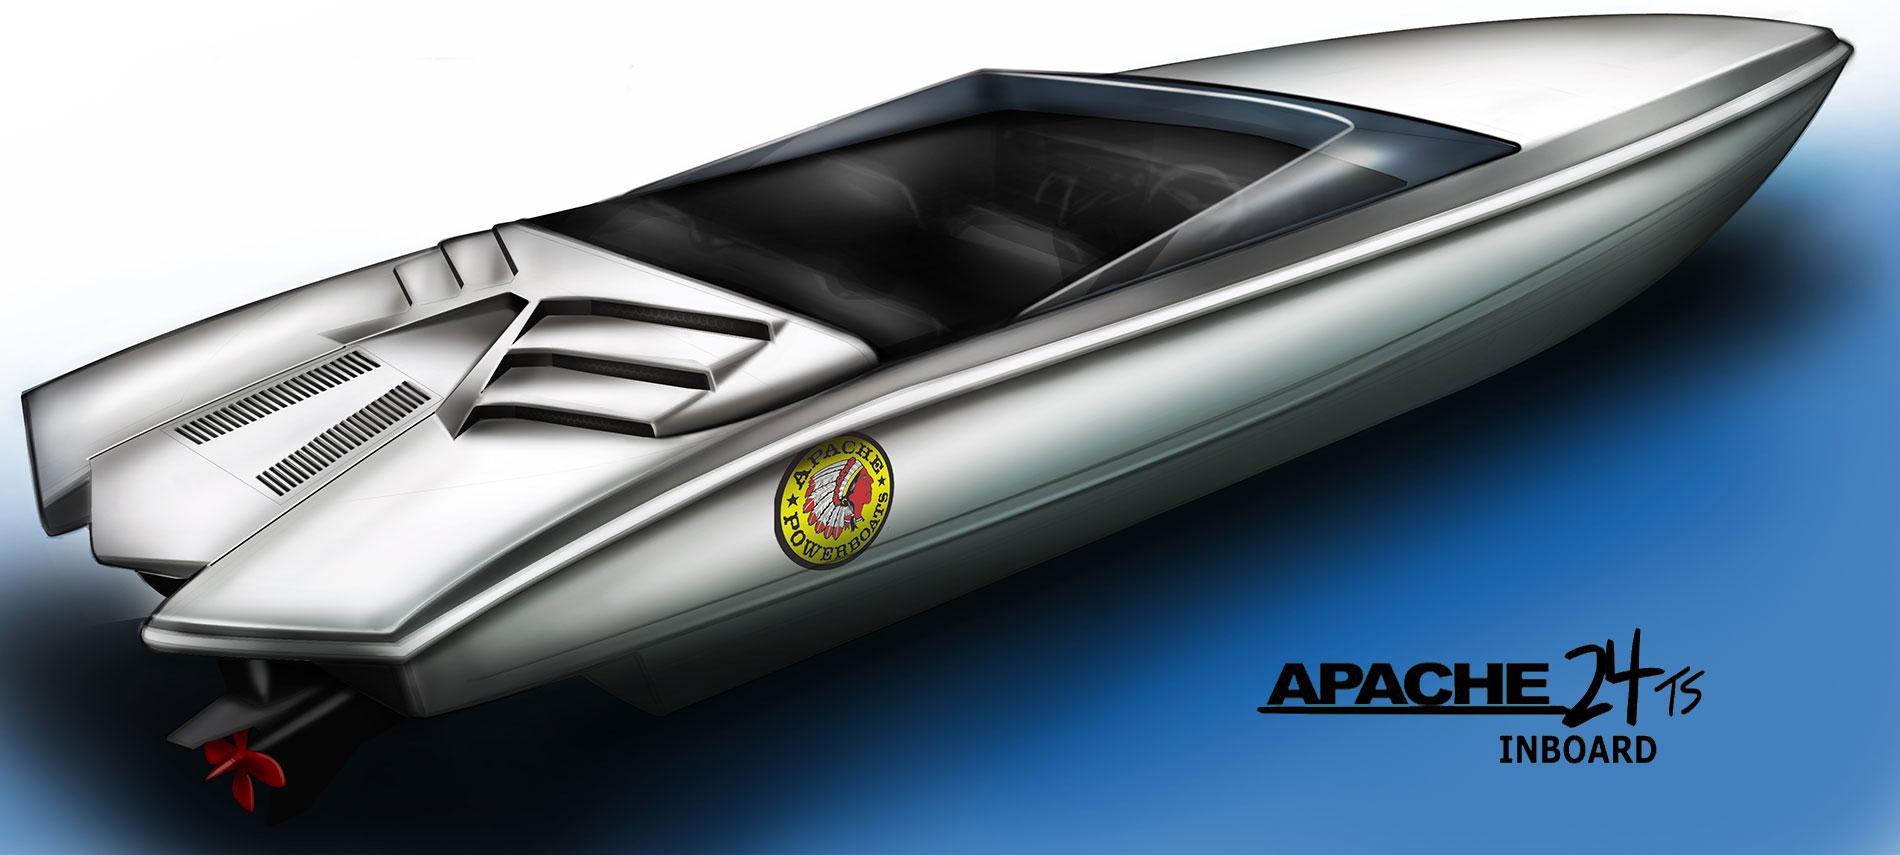 apache-24-inboard